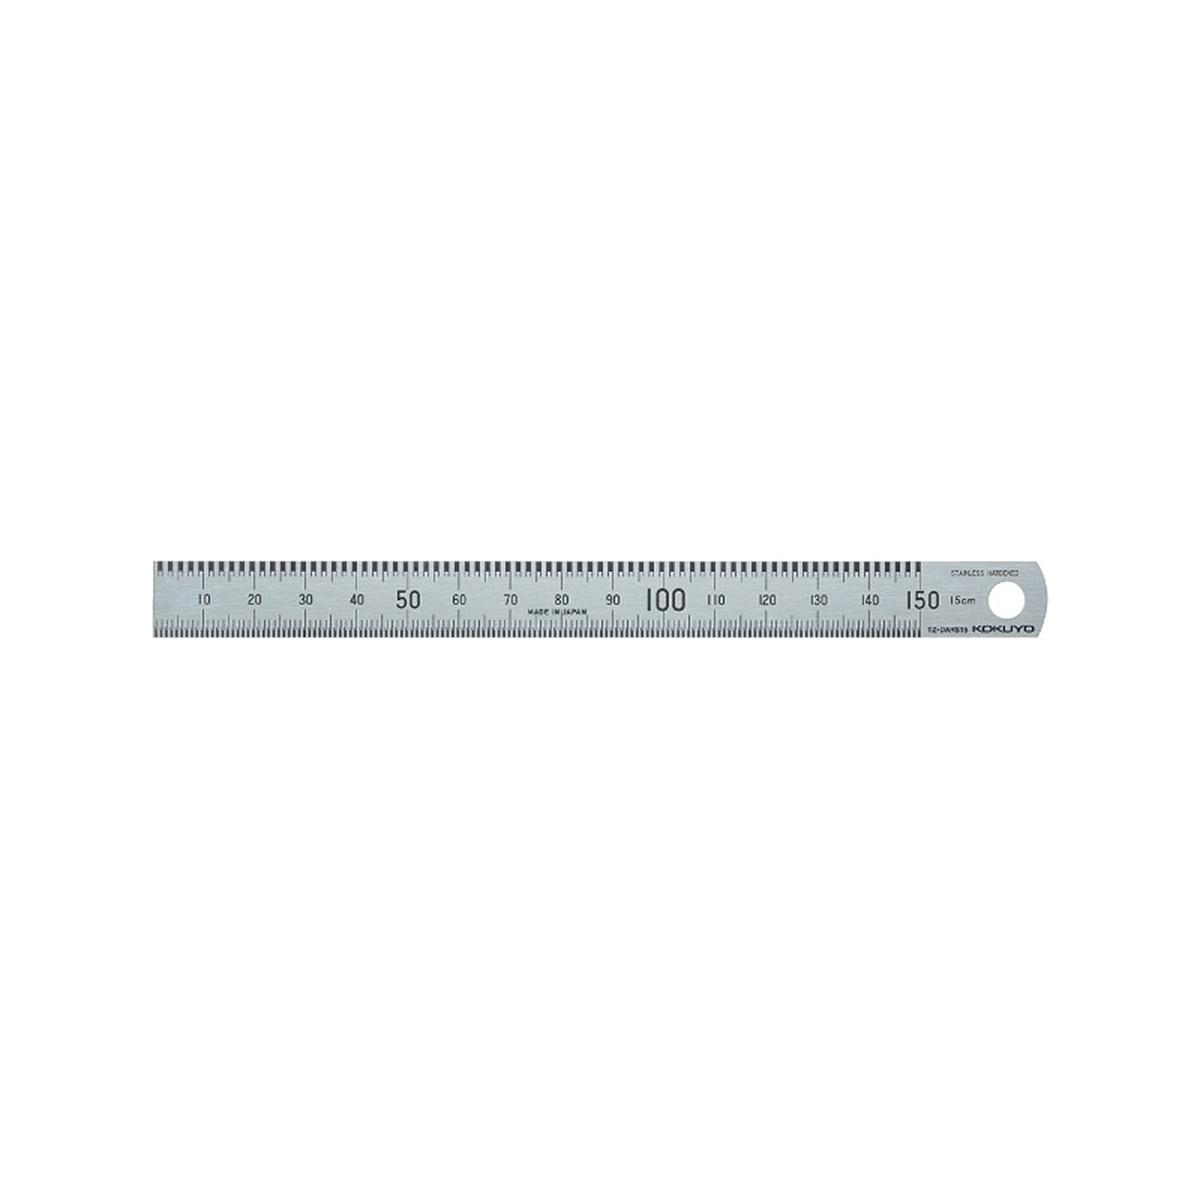 メ可 ●スーパーSALE● セール期間限定 コクヨ 本当の定規 15cm TZ-DARS15 新作続